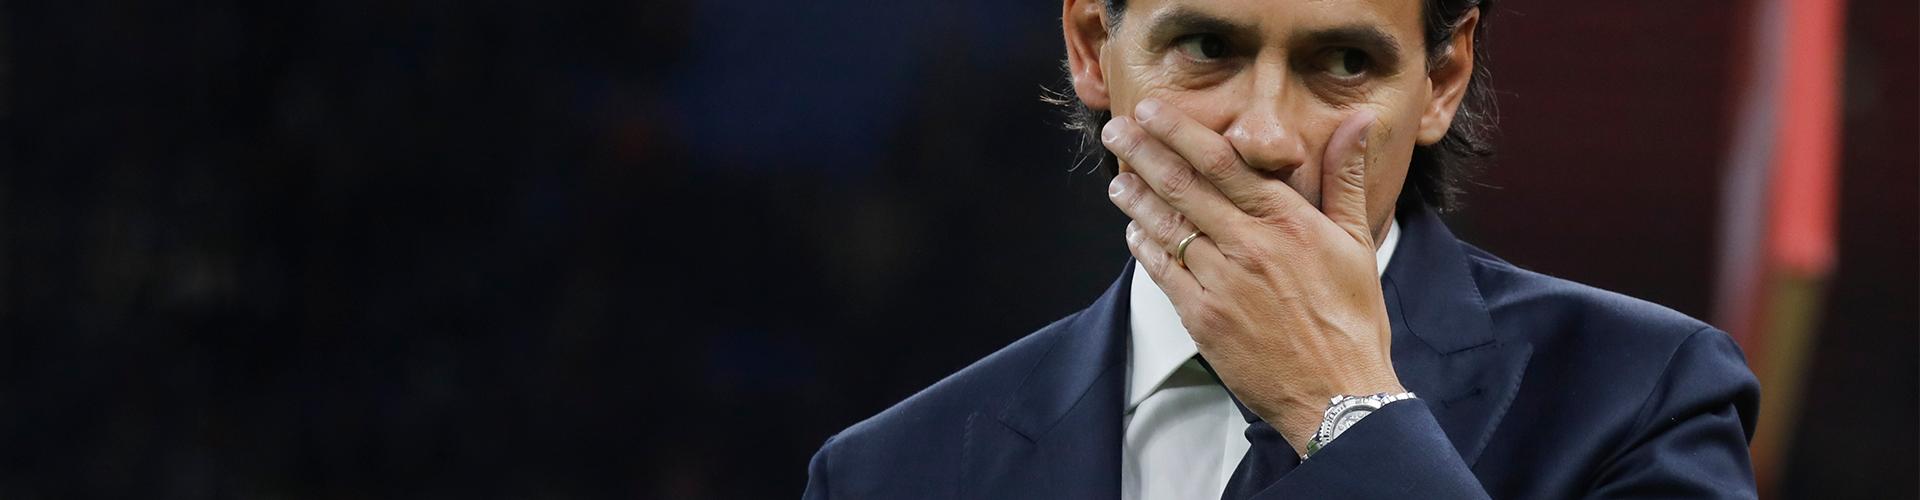 Oggi Simone Inzaghi potrebbe firmare il rinnovo del contratto